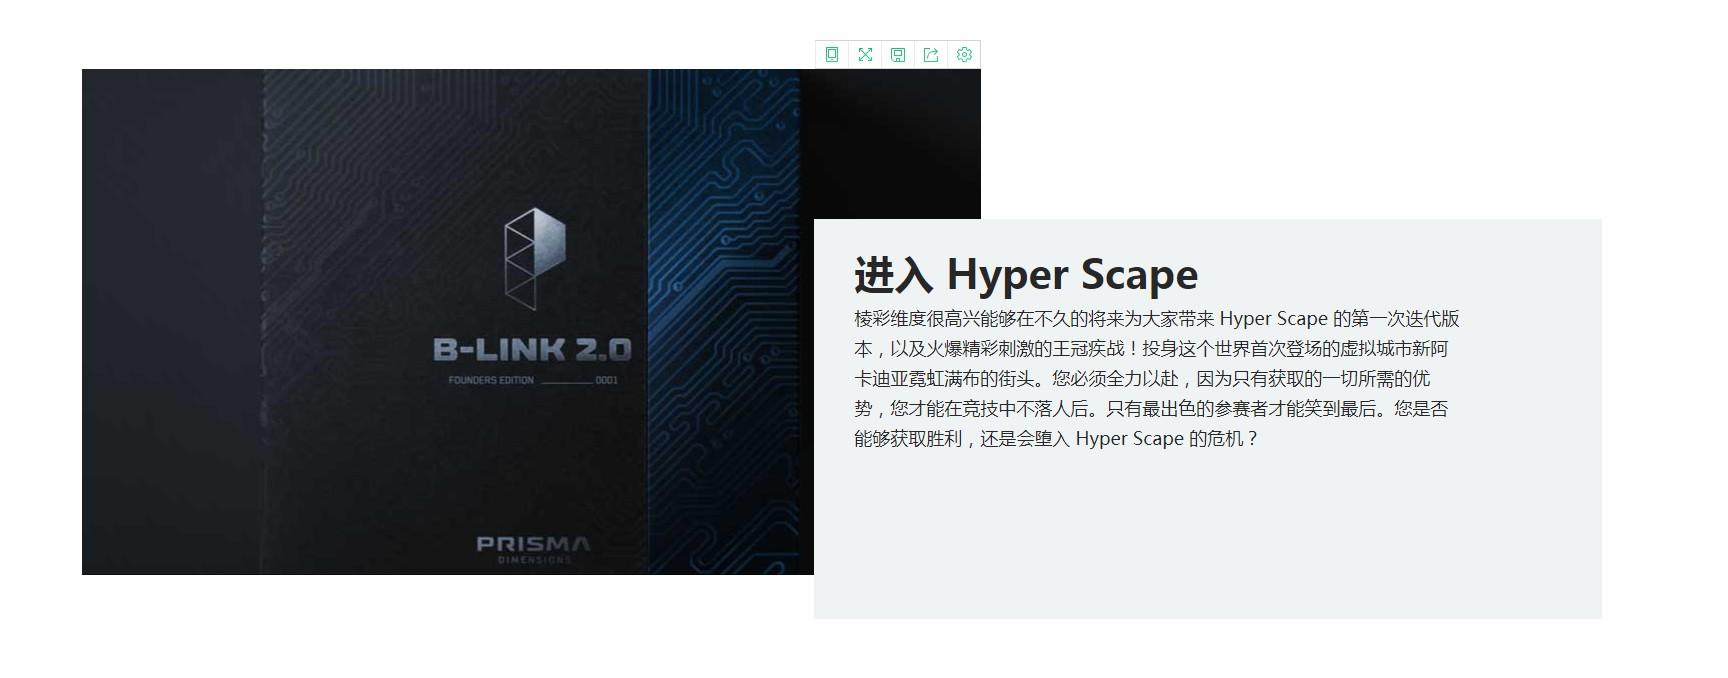 育碧新游《Hyper Scape》正式公布 官網已上線